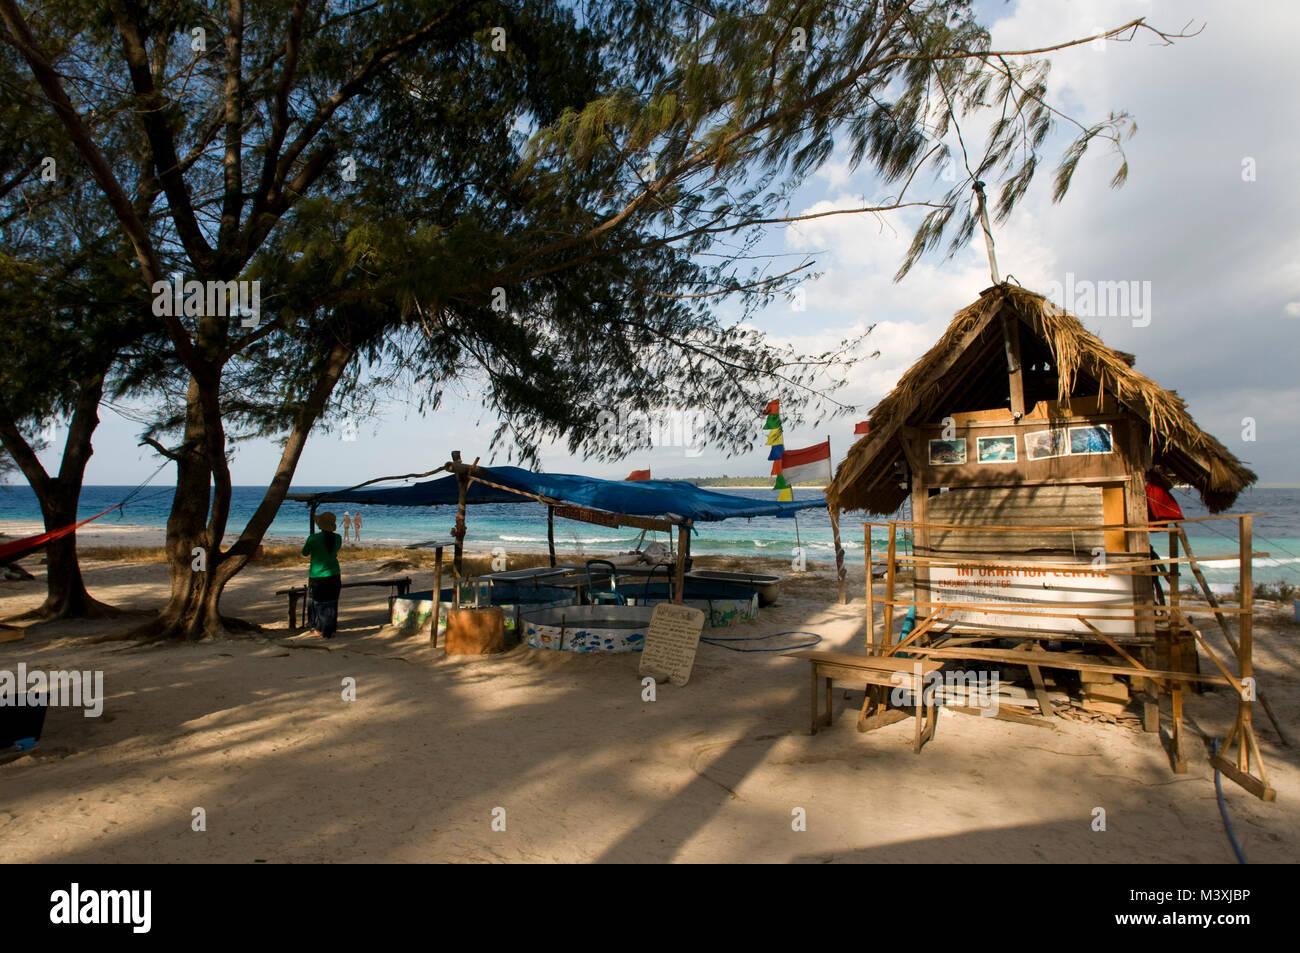 Santuario delle tartarughe di Bolong. Tramonto a Gili Meno isola. Lombok, Indonesia. In questo luogo si raccolgono Immagini Stock